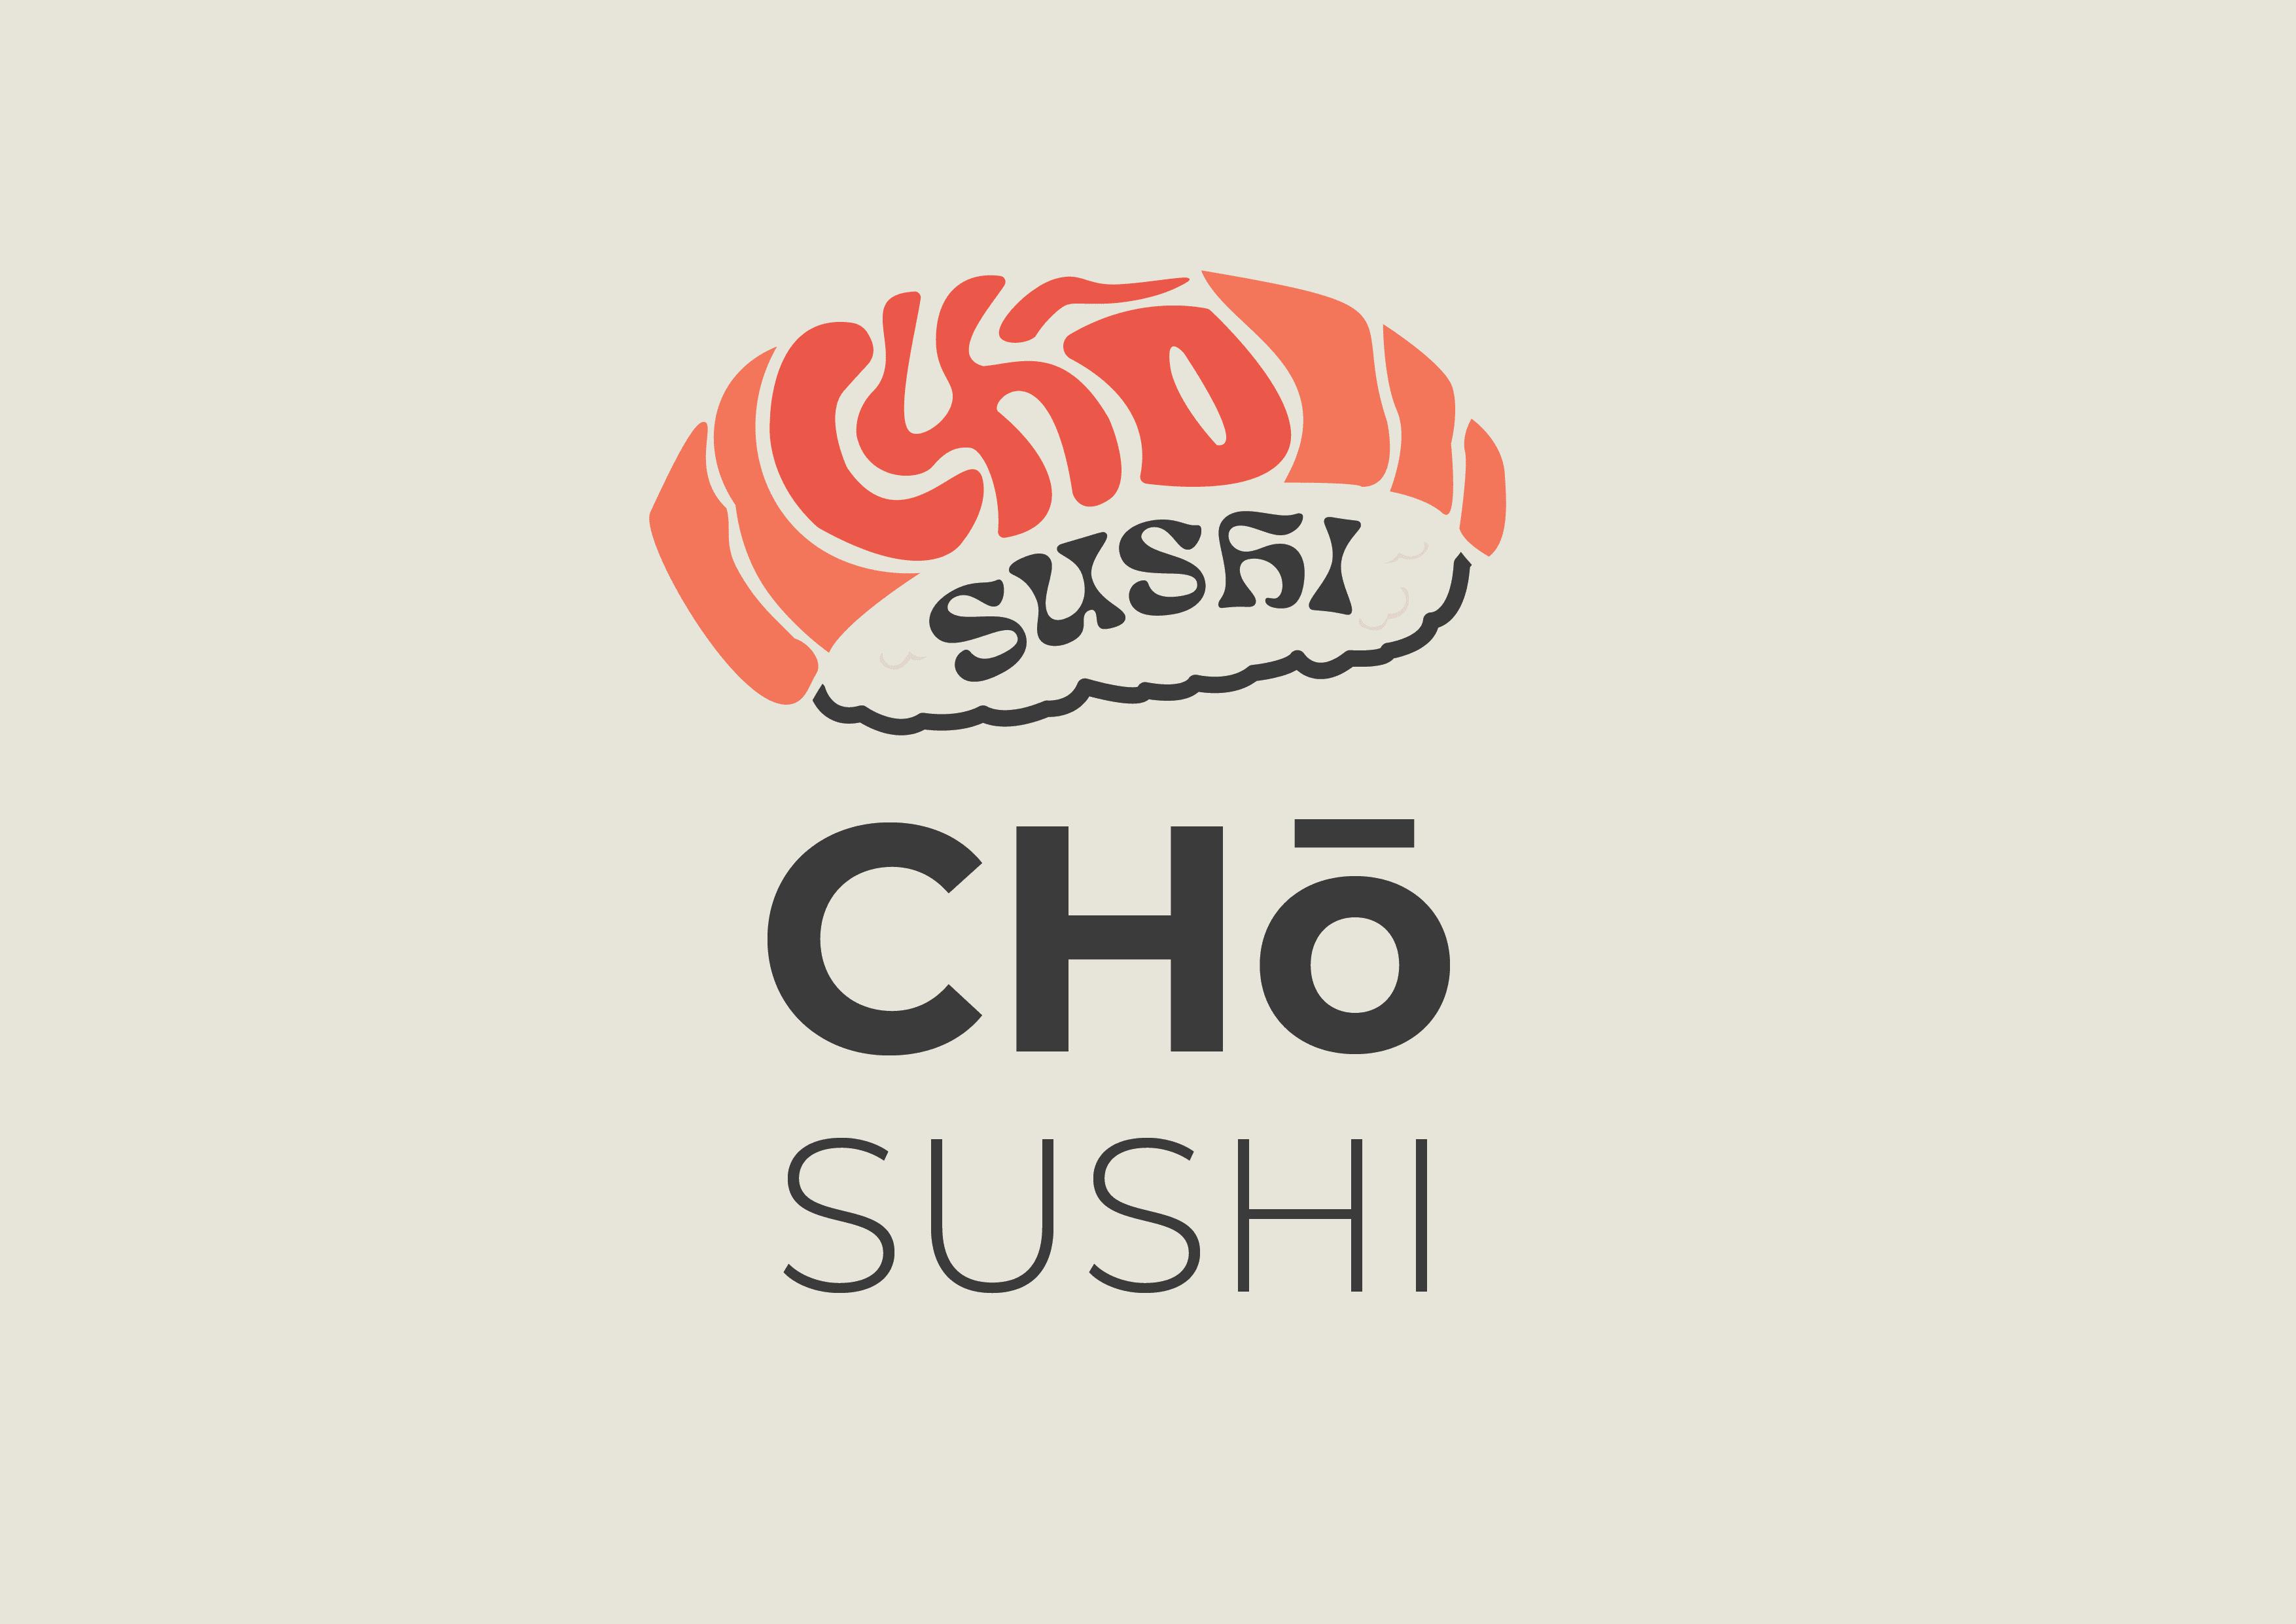 Chō Sushi – Branding & Logo Design